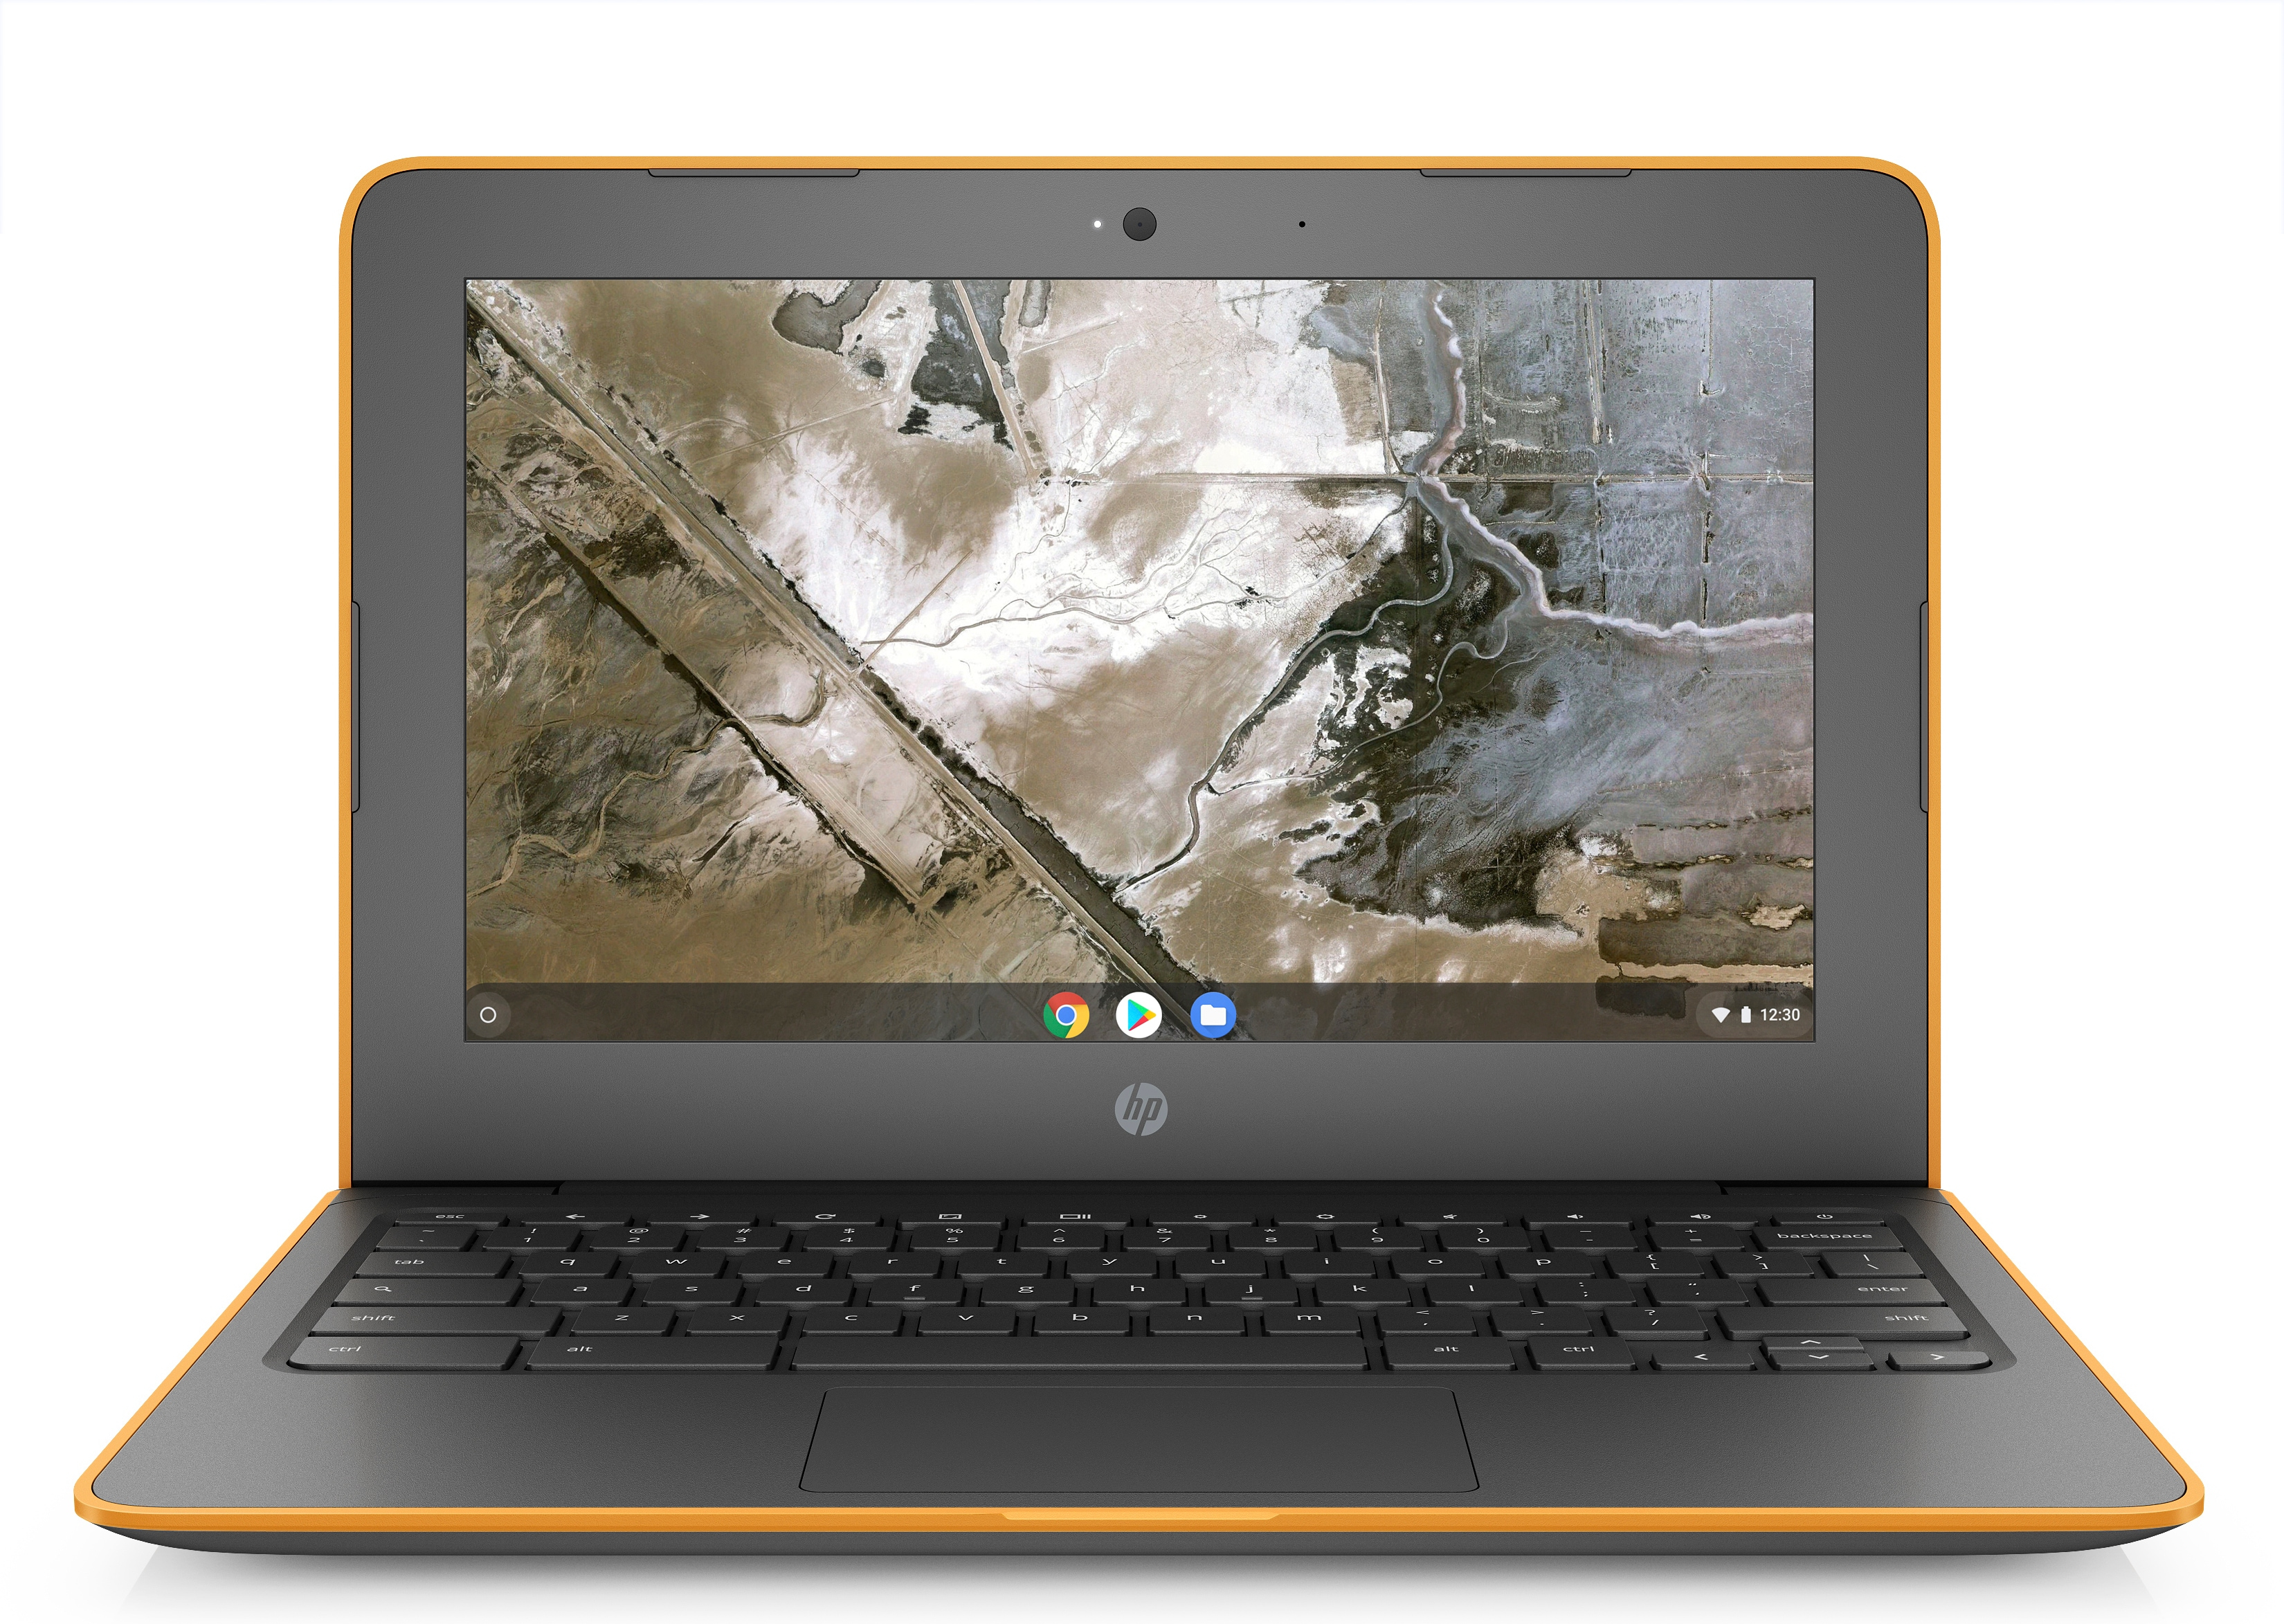 ElectronicShop24 - Notebooks, Computer, TVs und vieles mehr